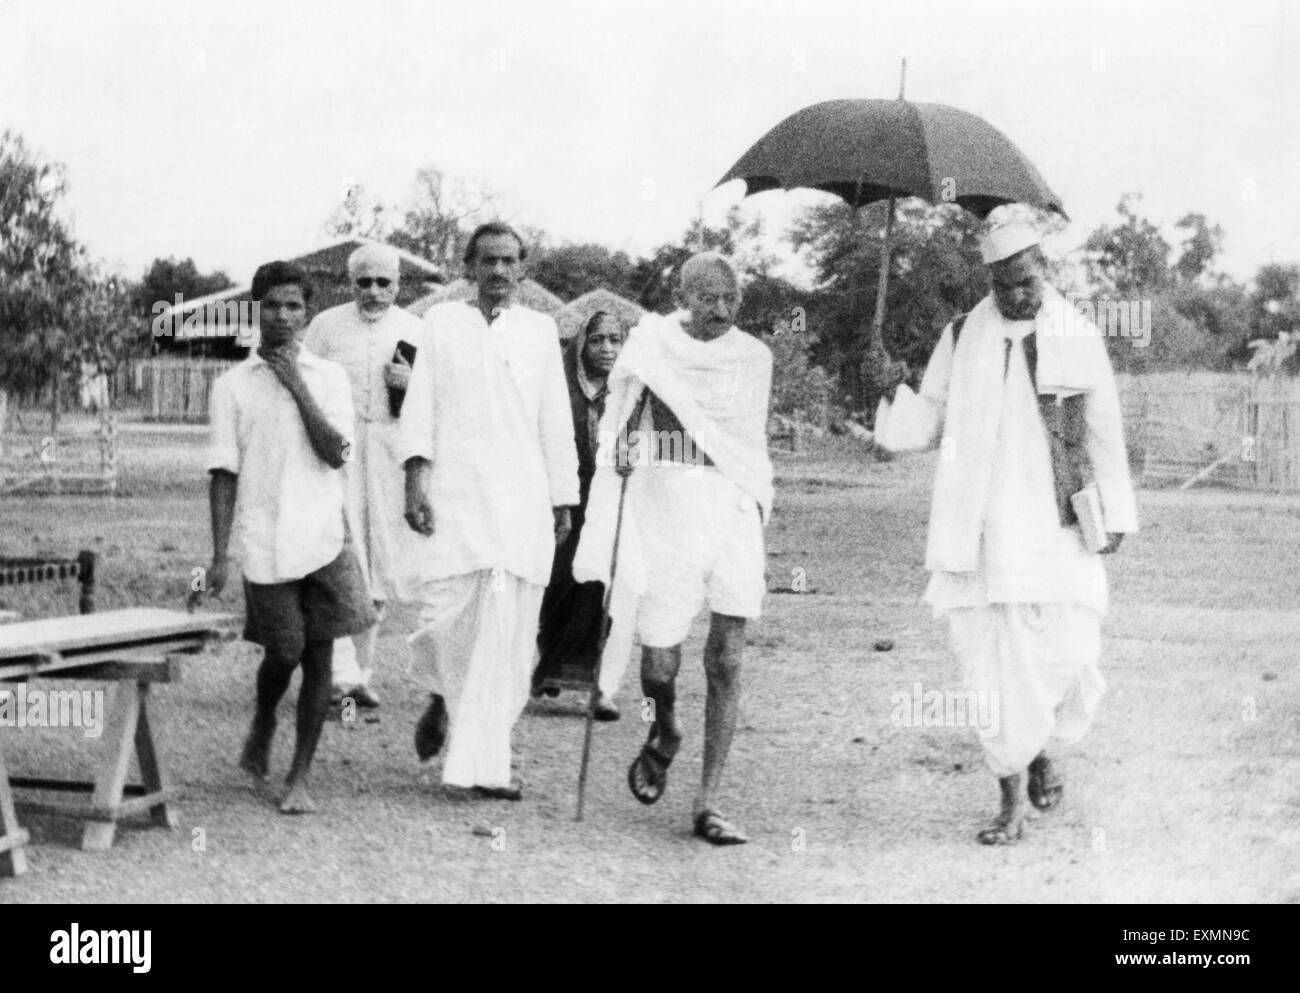 Abdul Kalam Maulana Azad Acharya Kripalani Sarojini Naidu Mahatma Gandhi Rajendra Prasad walking Sevagram Ashram - Stock Image